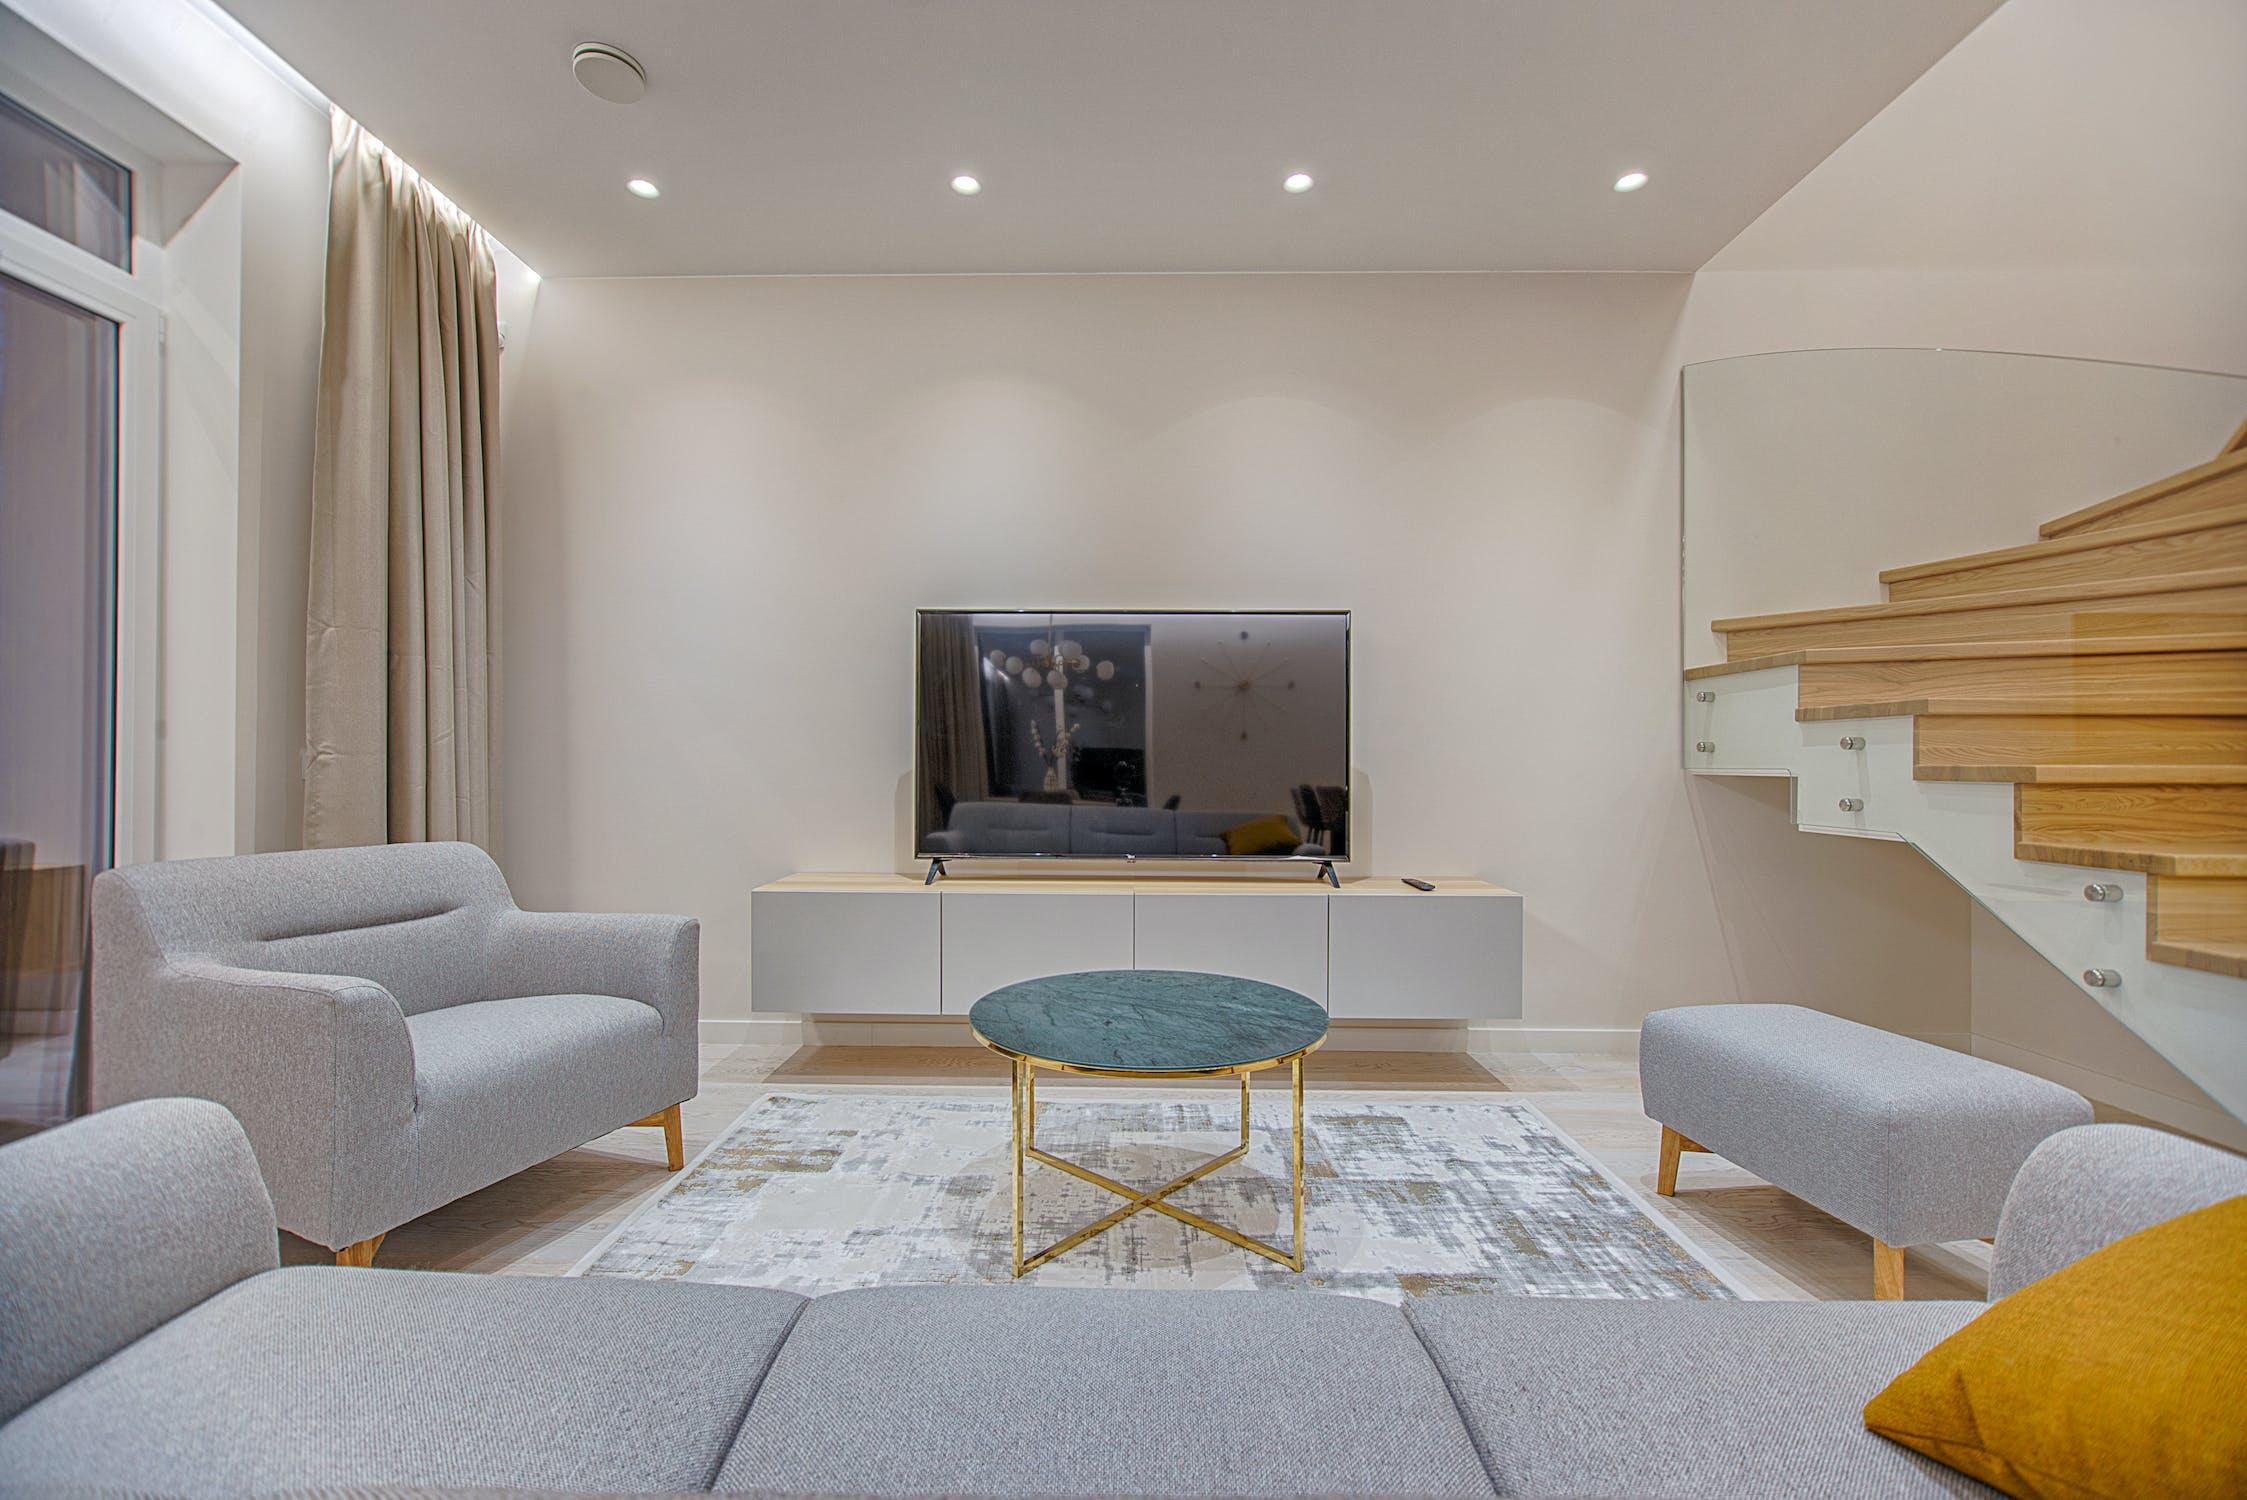 Minimalist house ideas